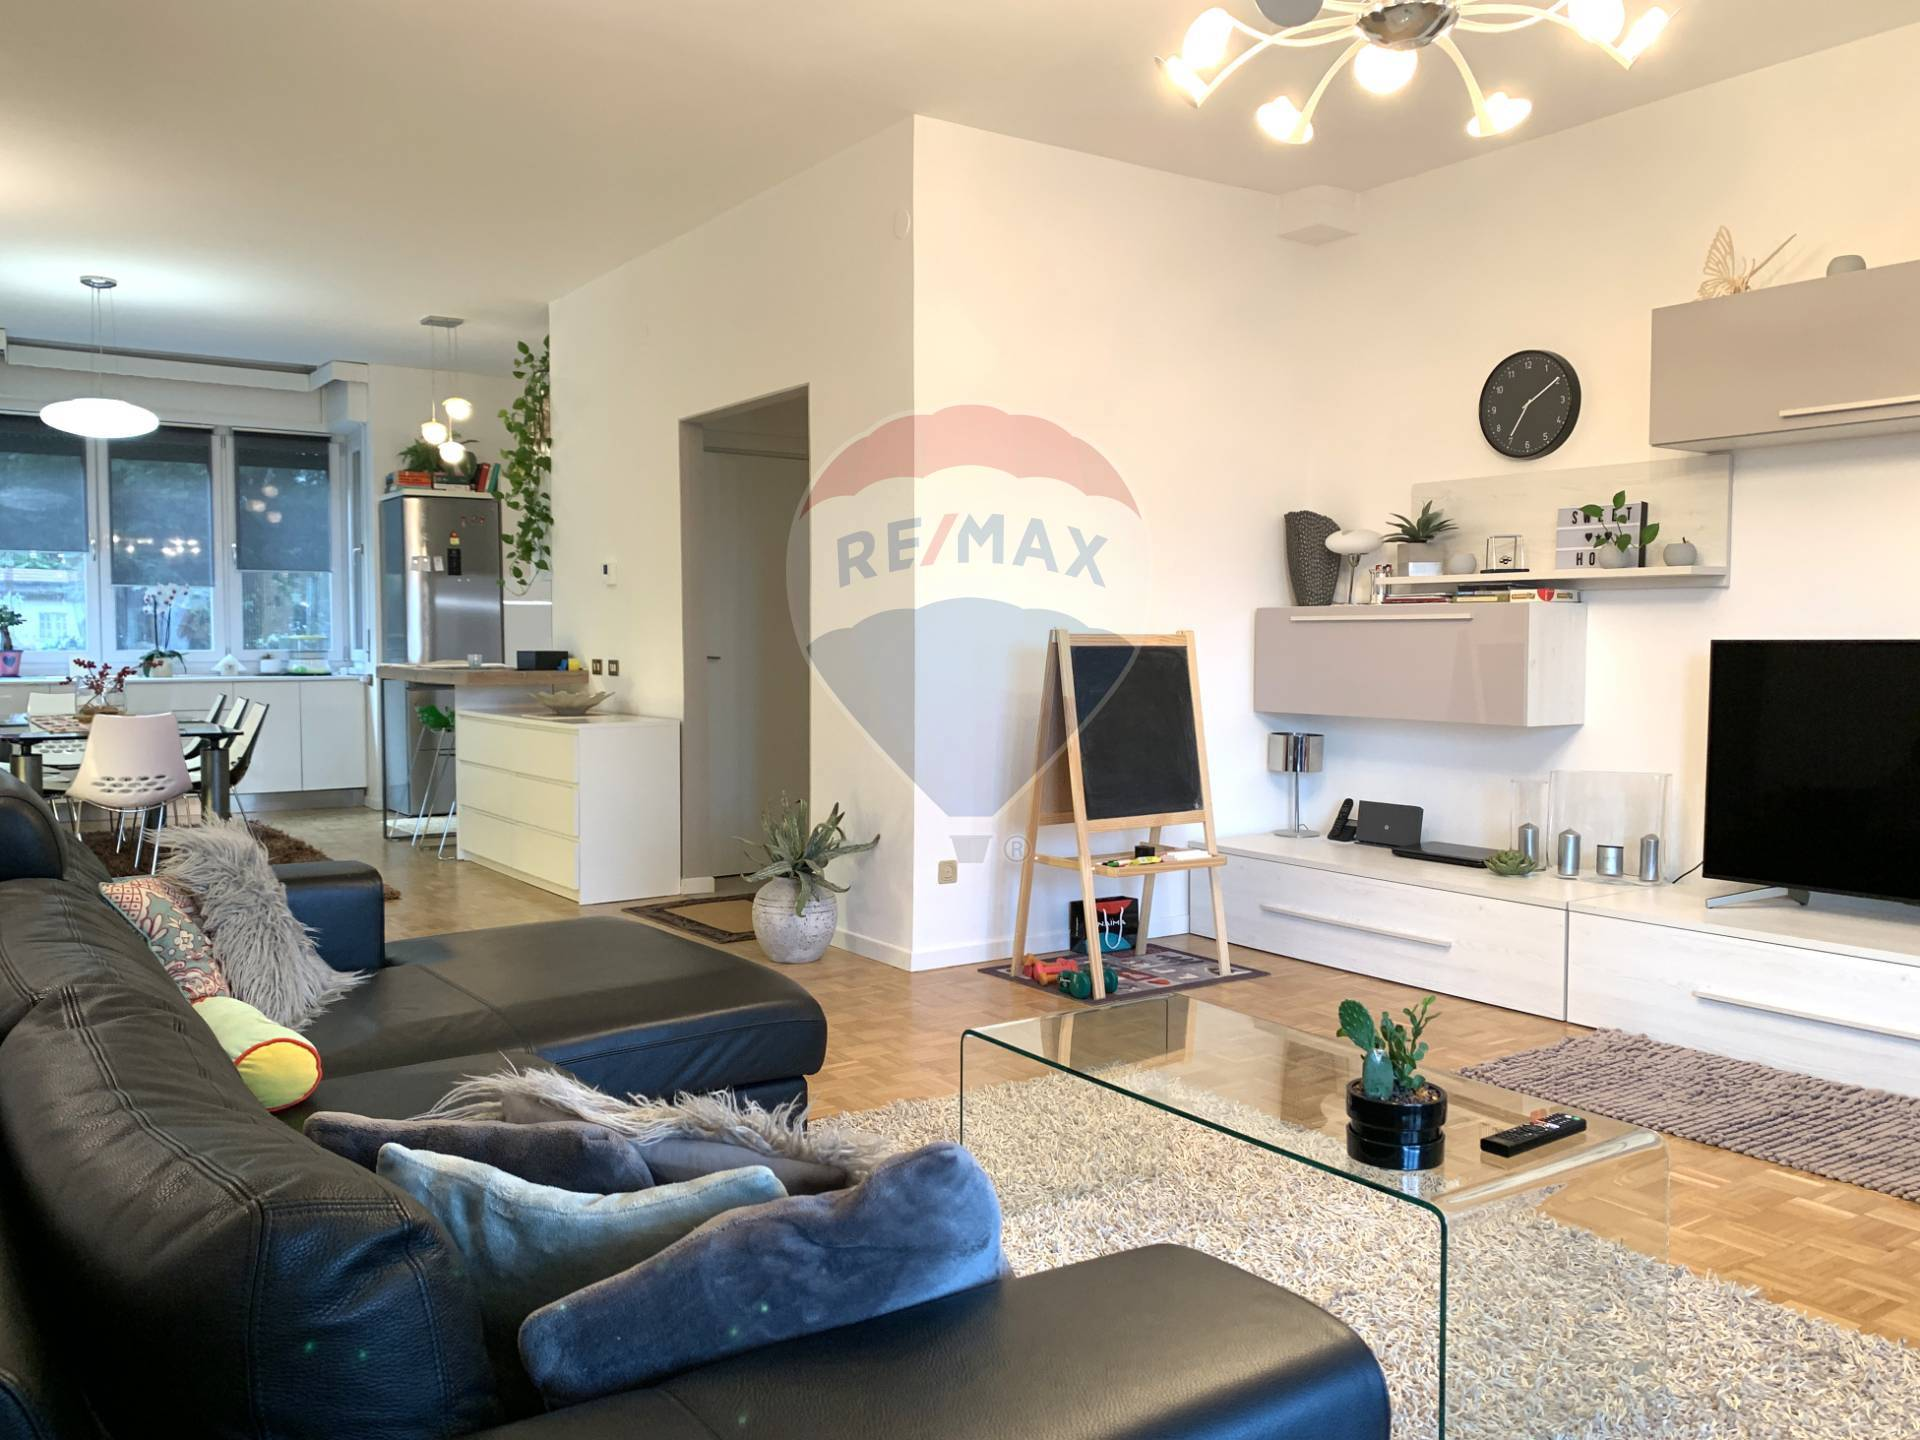 Appartamento in vendita a Gardone Riviera, 3 locali, zona Località: GardoneSotto, prezzo € 367.500 | CambioCasa.it